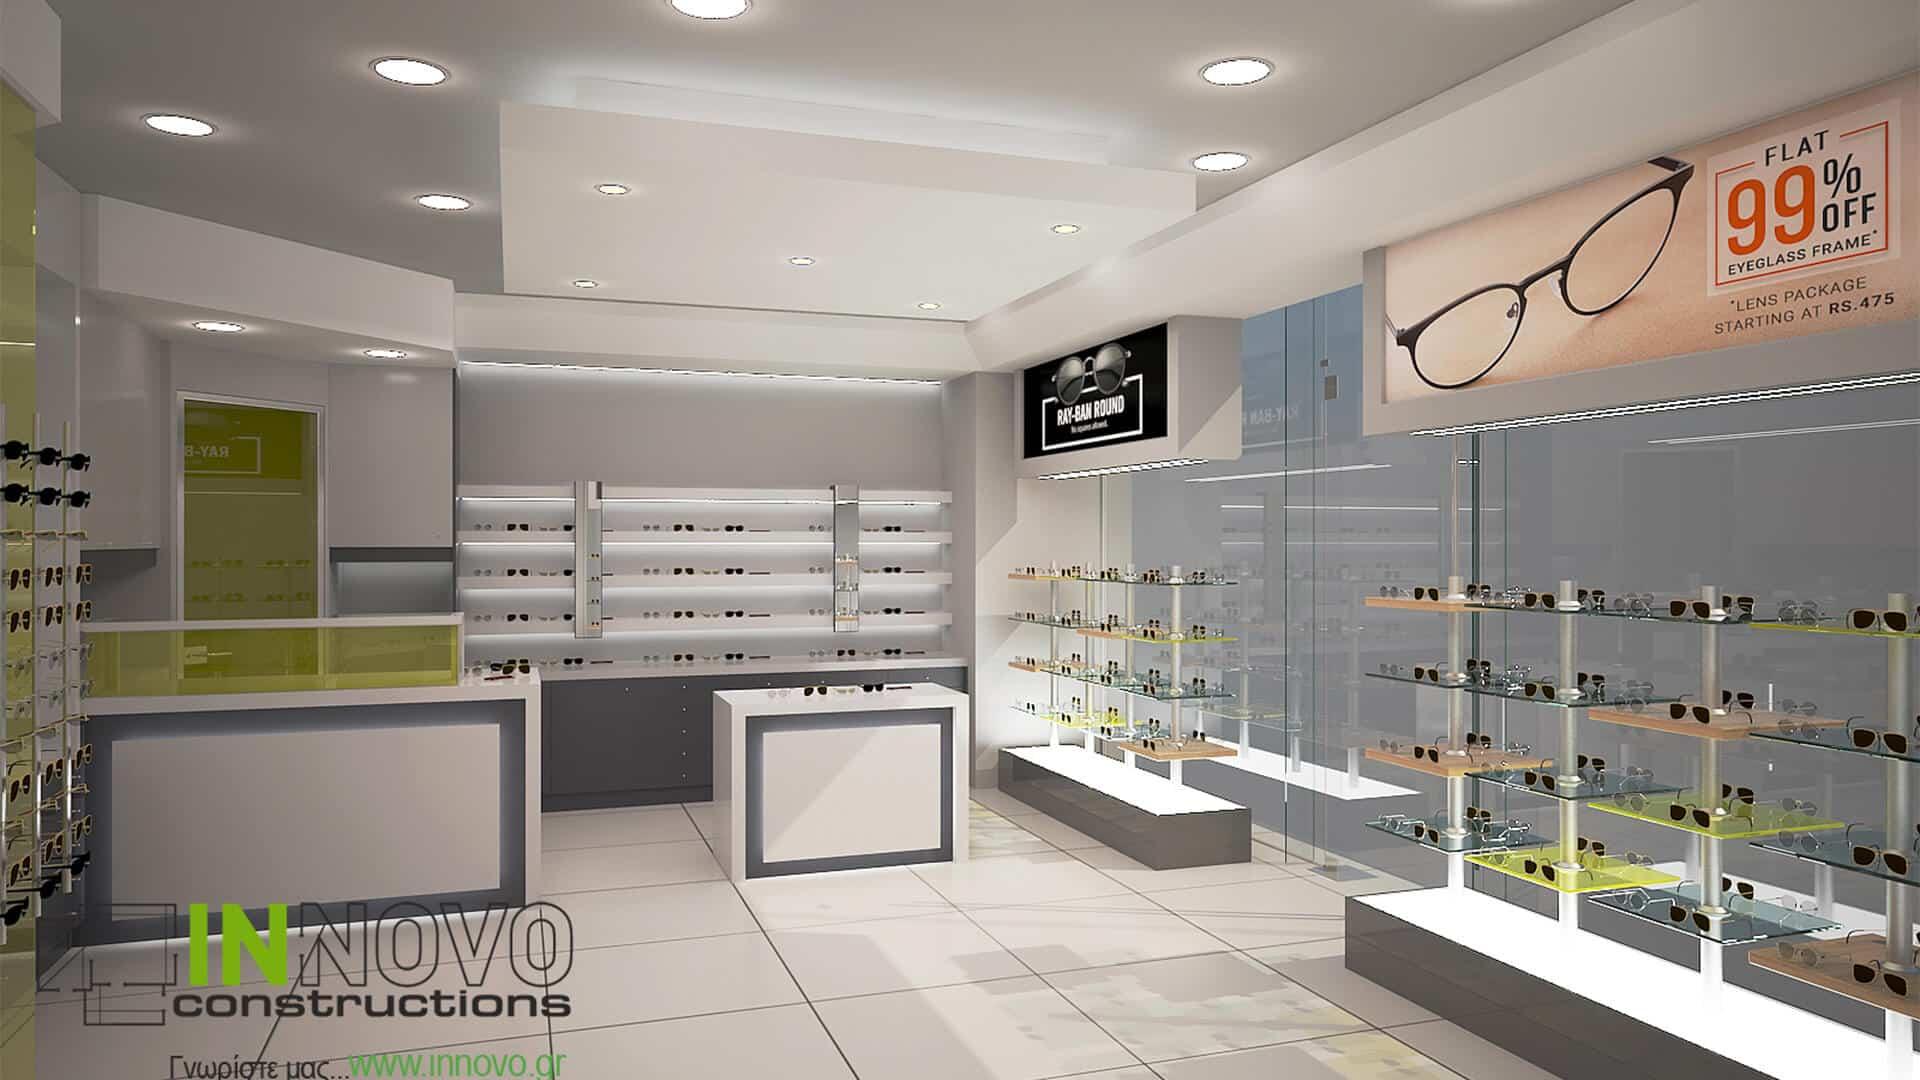 ανακαινιση-καταστηματος-οπτικων-xolargos-optical-store-renovation-equipment